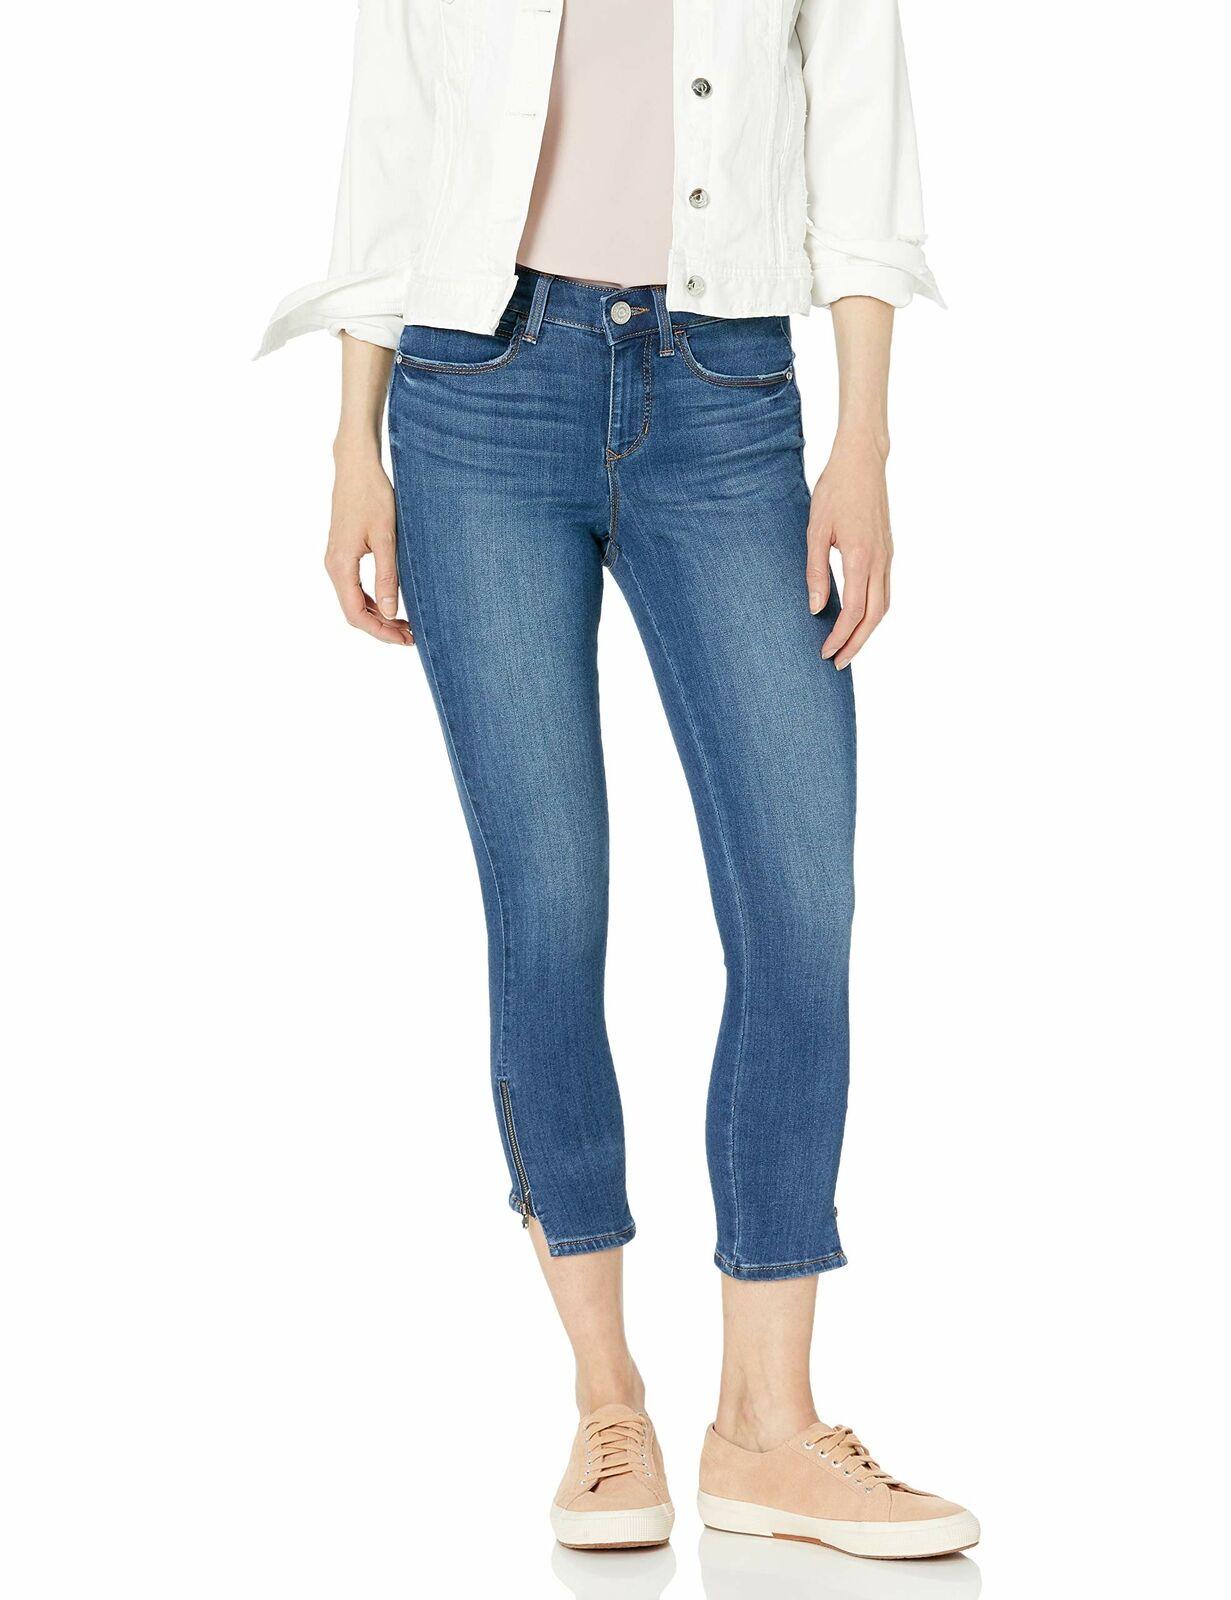 Femme Skinnygirl la skinny crop in injeanious S-Choisir Taille couleur